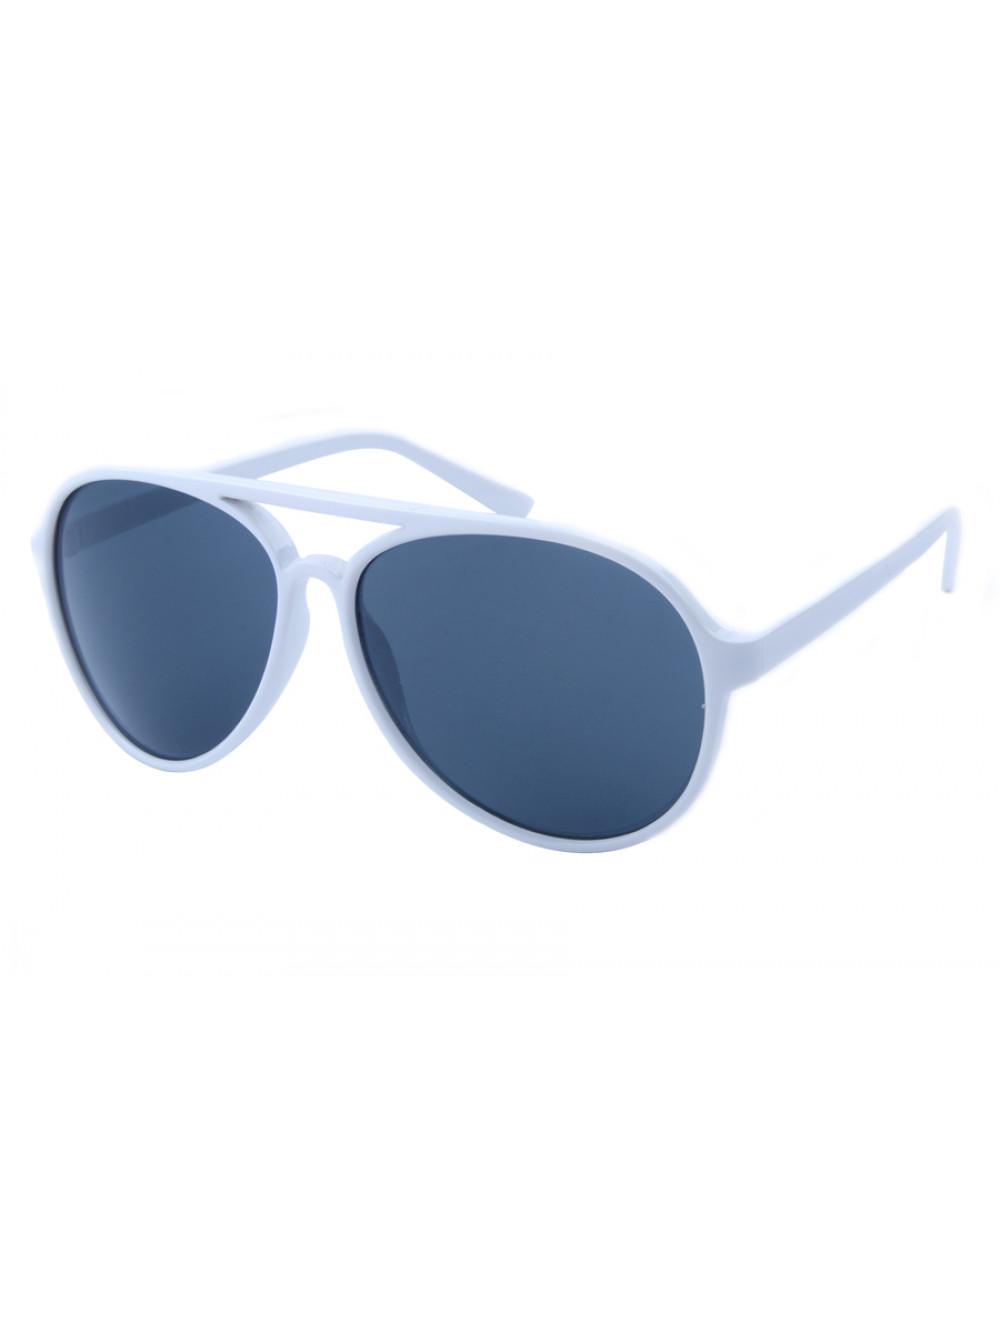 Slnečné okuliare Rockstar Day